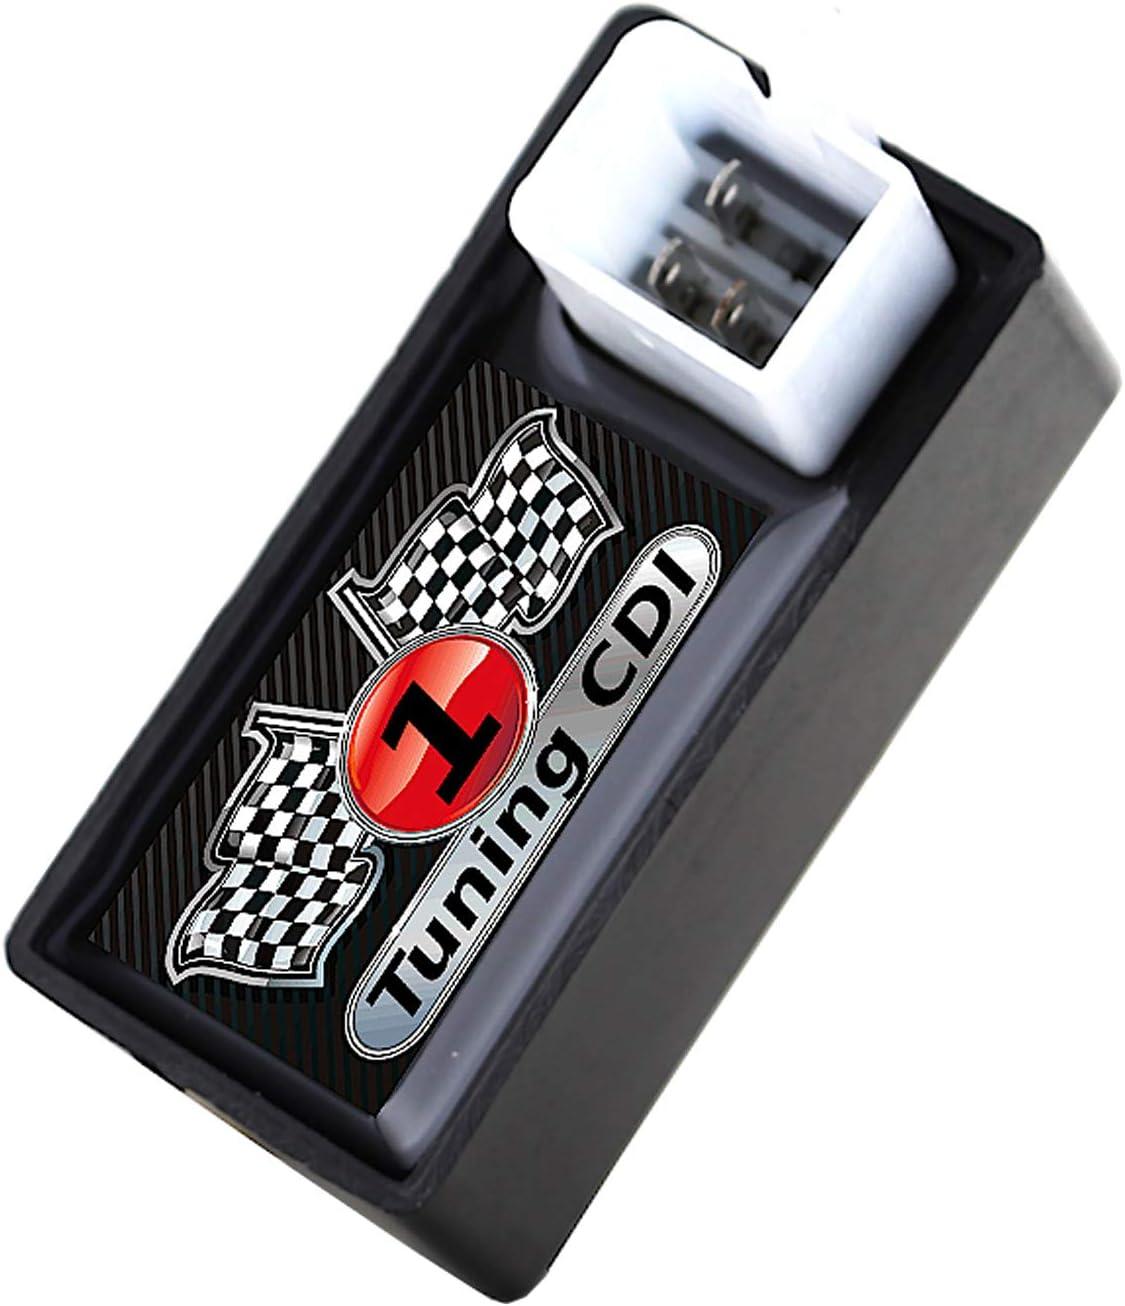 CDI deportivo para Peugeot, Kymco, Hond-a, Sym